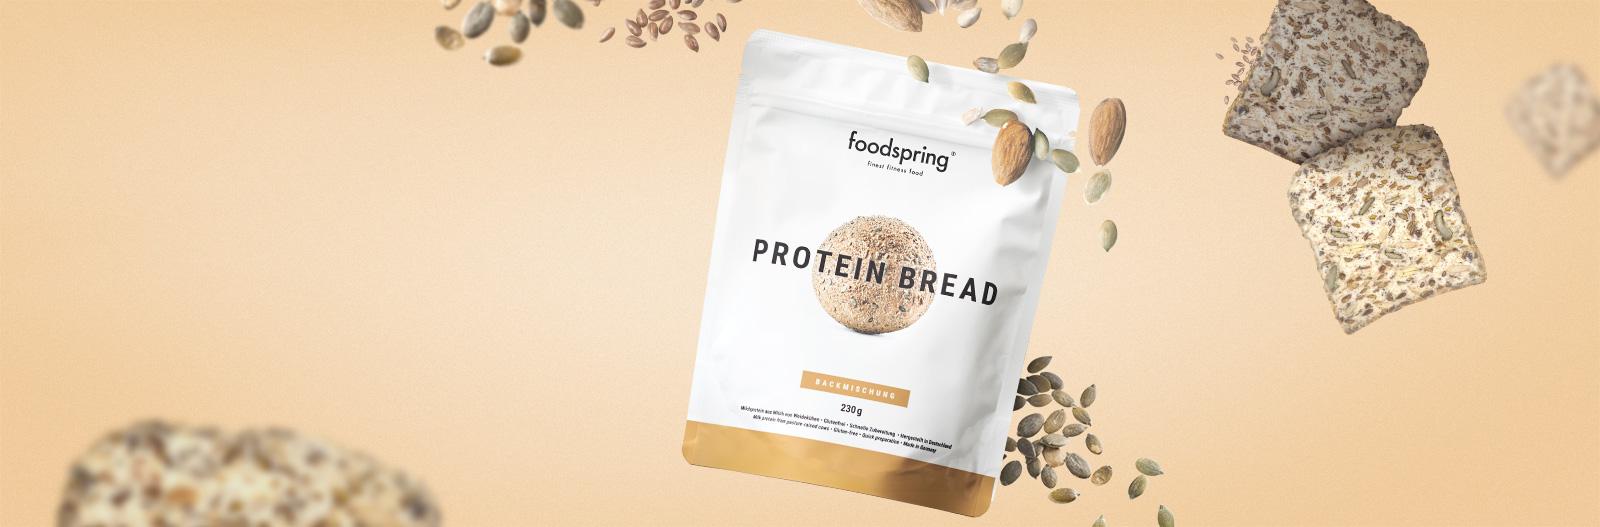 Il pane... proteico?!